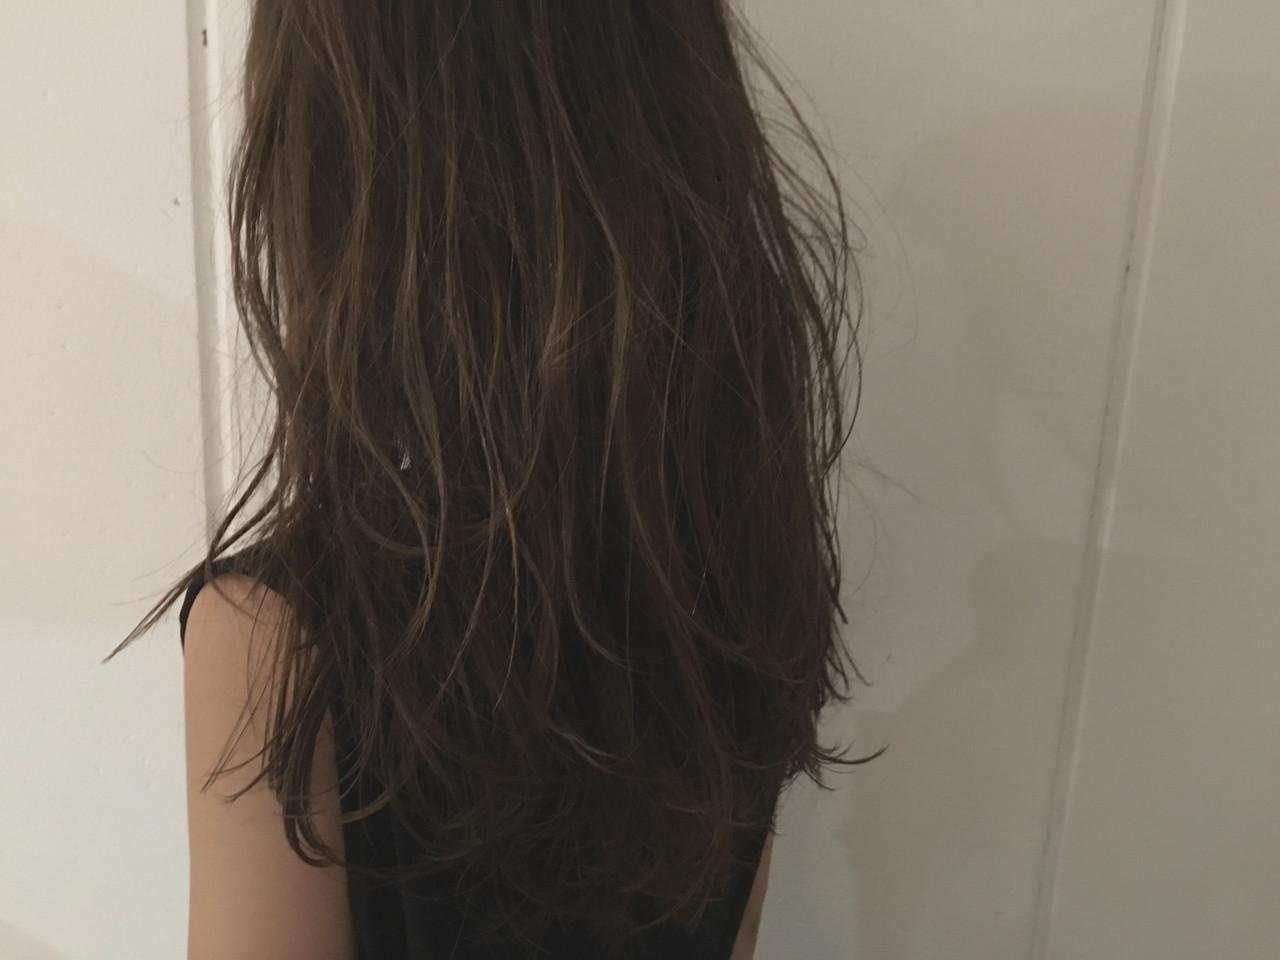 ストリート セミロング 暗髪 ウェットヘア ヘアスタイルや髪型の写真・画像 | 杉谷 将也 / DiLL / DiLL